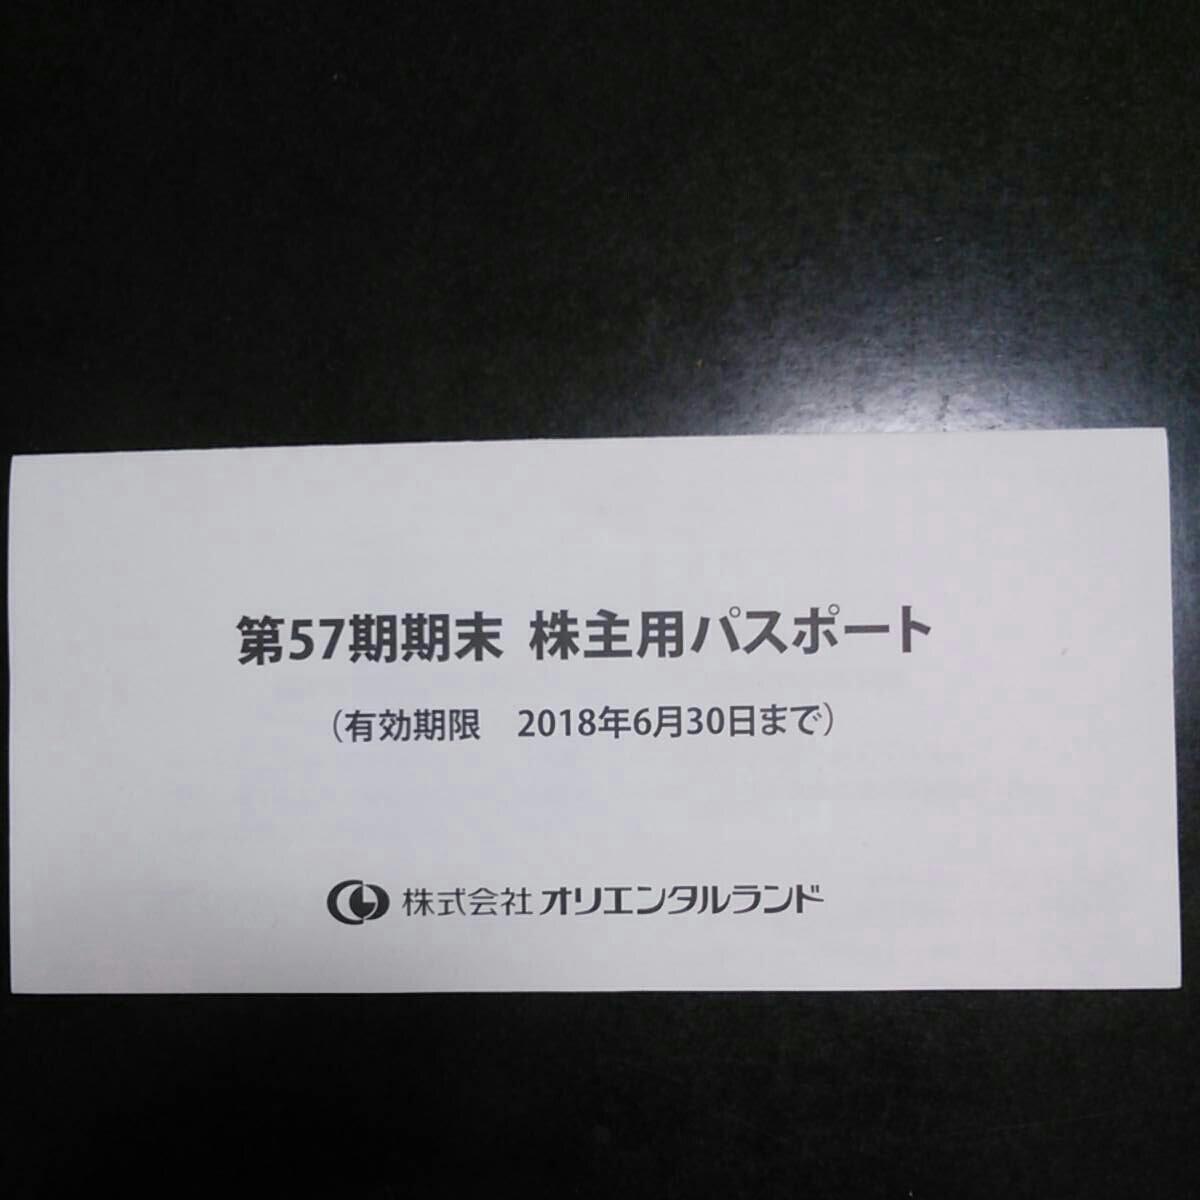 [送料込] オリエンタルランド 株主優待 ディズニーランド ディズニーシー 1円スタート 1枚